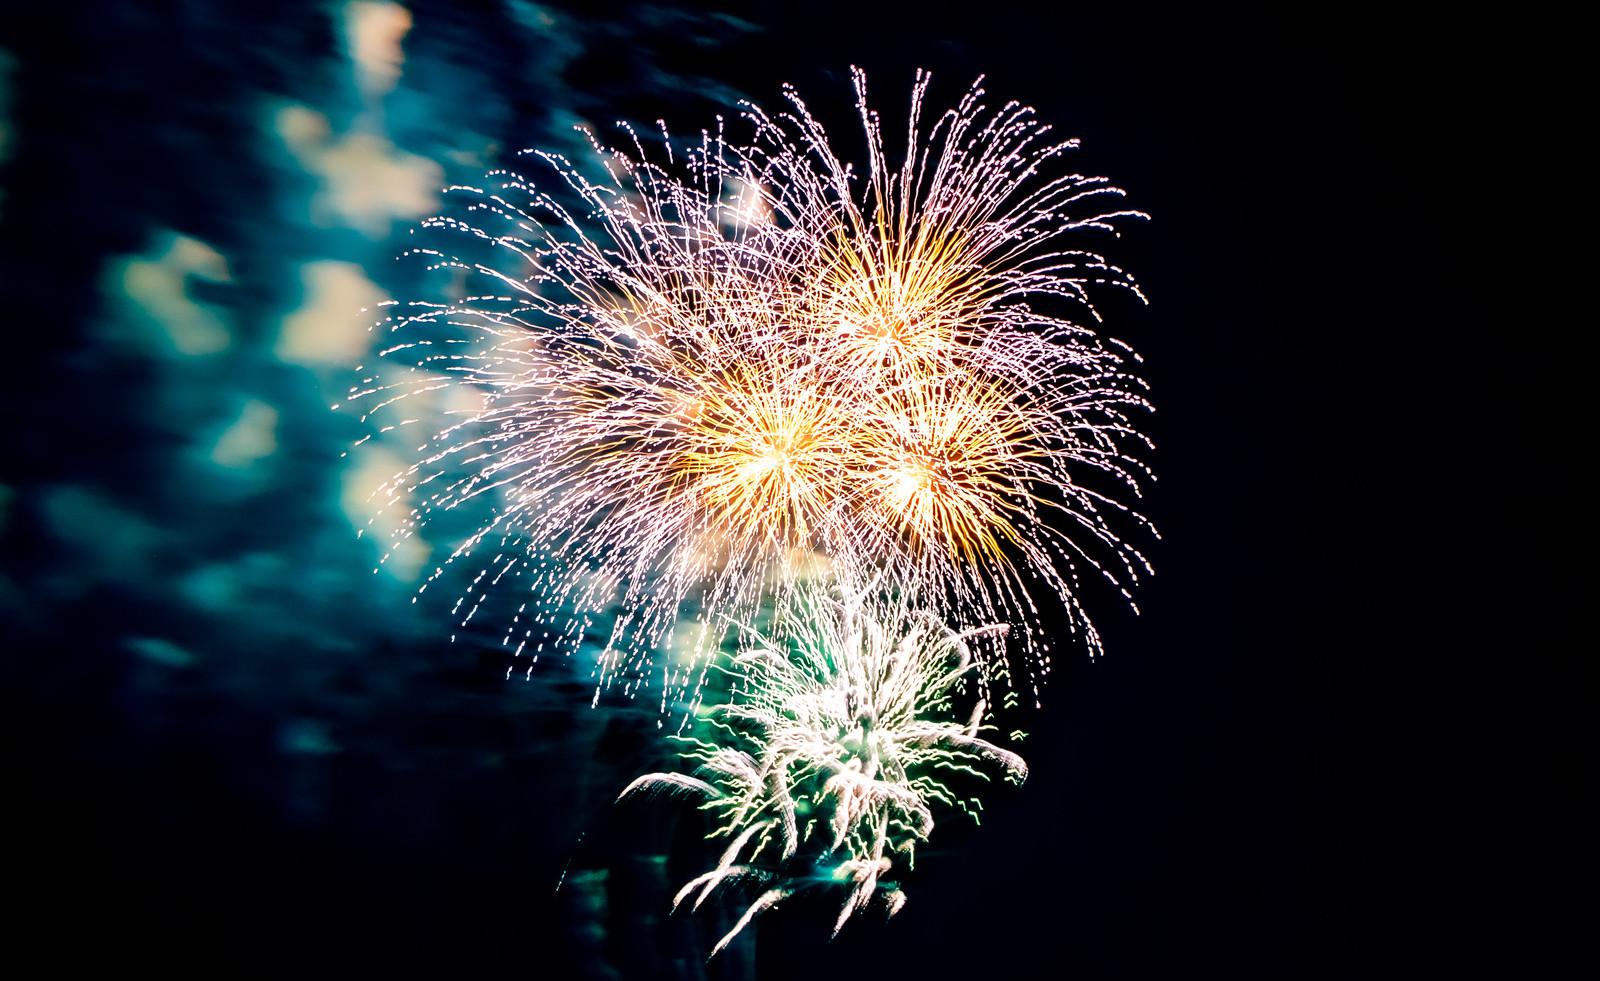 「炸裂する花火」の写真